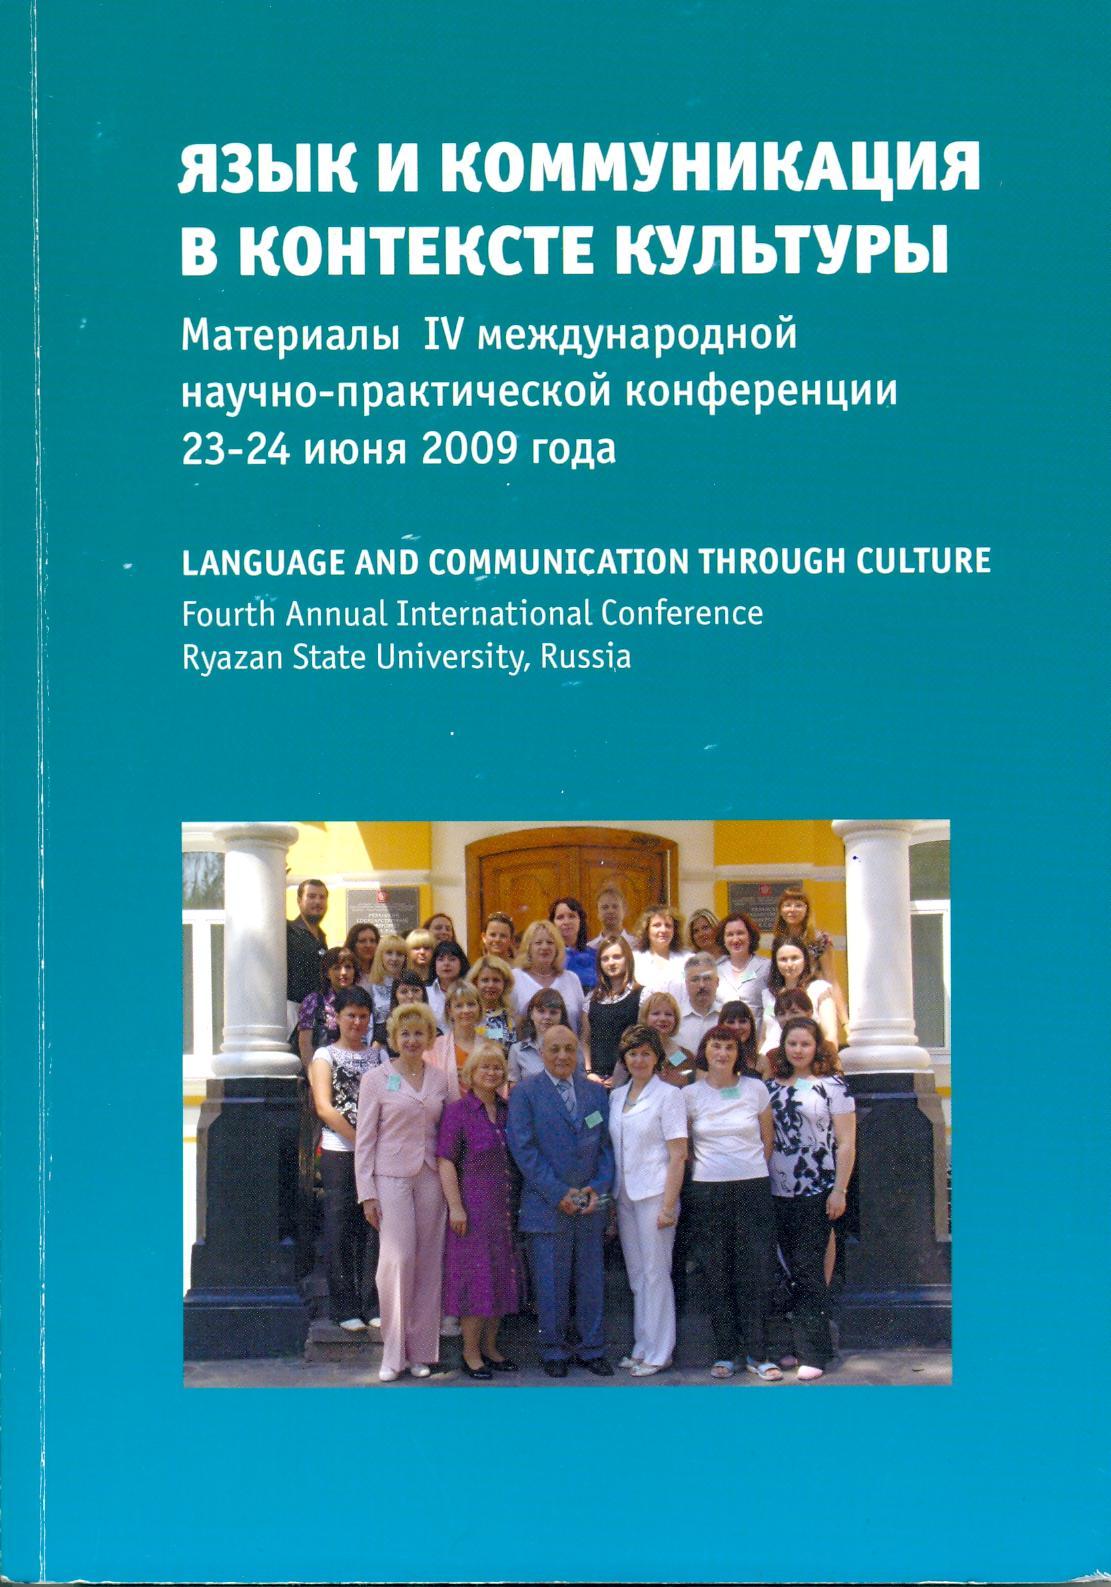 Язык и коммуникация в контексте культуры: материалы IV международной научно–практической конференции, 23-24 июня 2009 г/